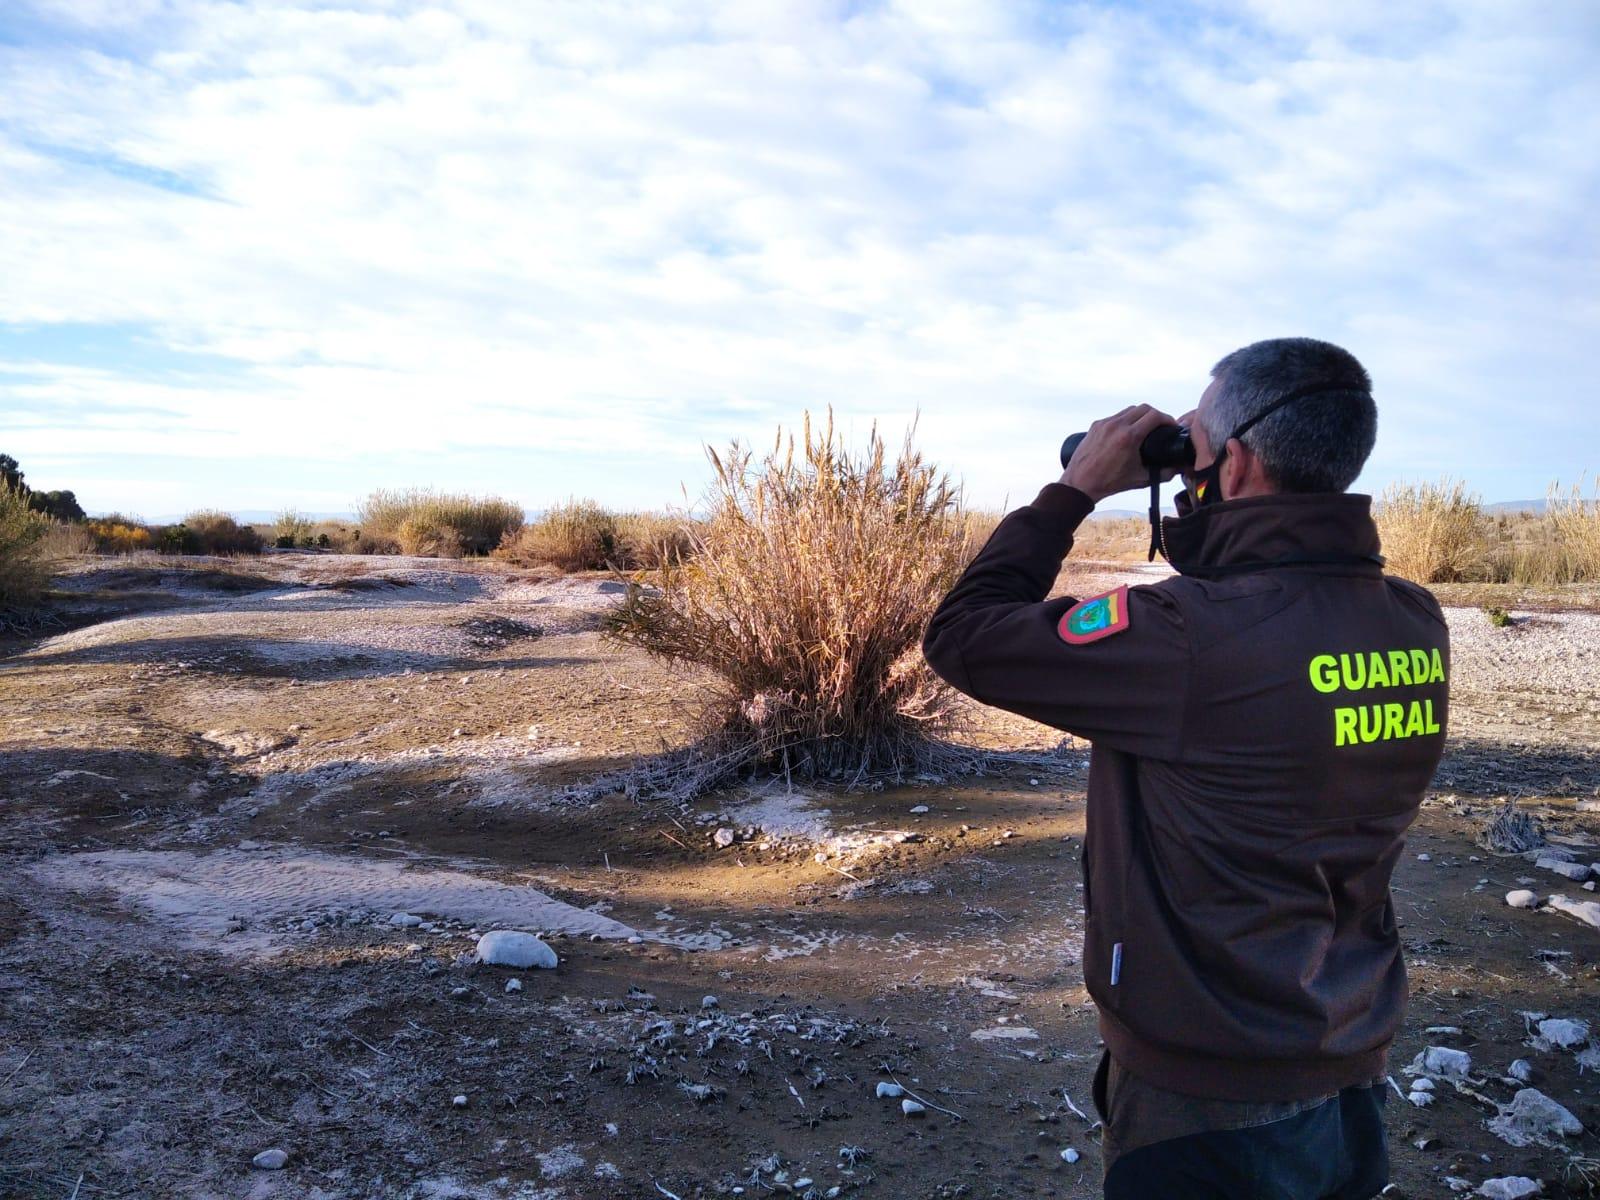 El Consorcio gestor del Paisaje Protegido de la Desembocadura del río Mijares participa en el censo invernal de aguilucho lagunero en las zonas húmedas de la Comunidad Valenciana